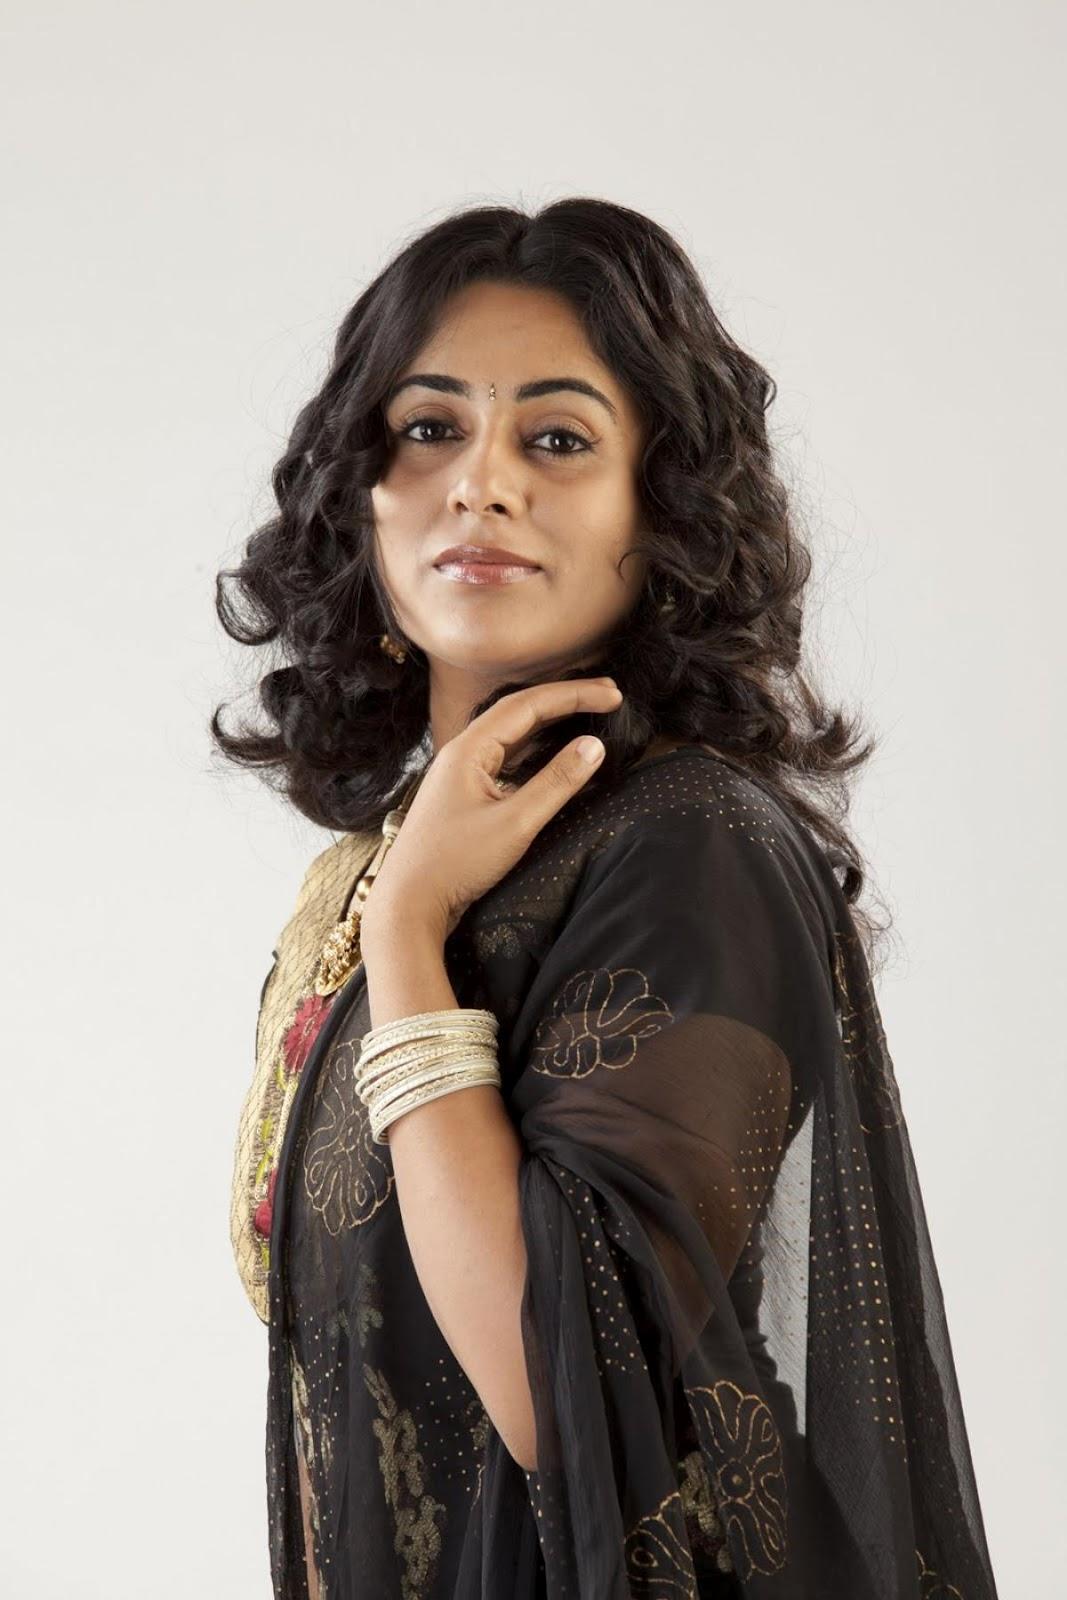 Hjjjjjjjjjjjjjjjjjjjjj: Lakshmi Mennon New Cute Photos